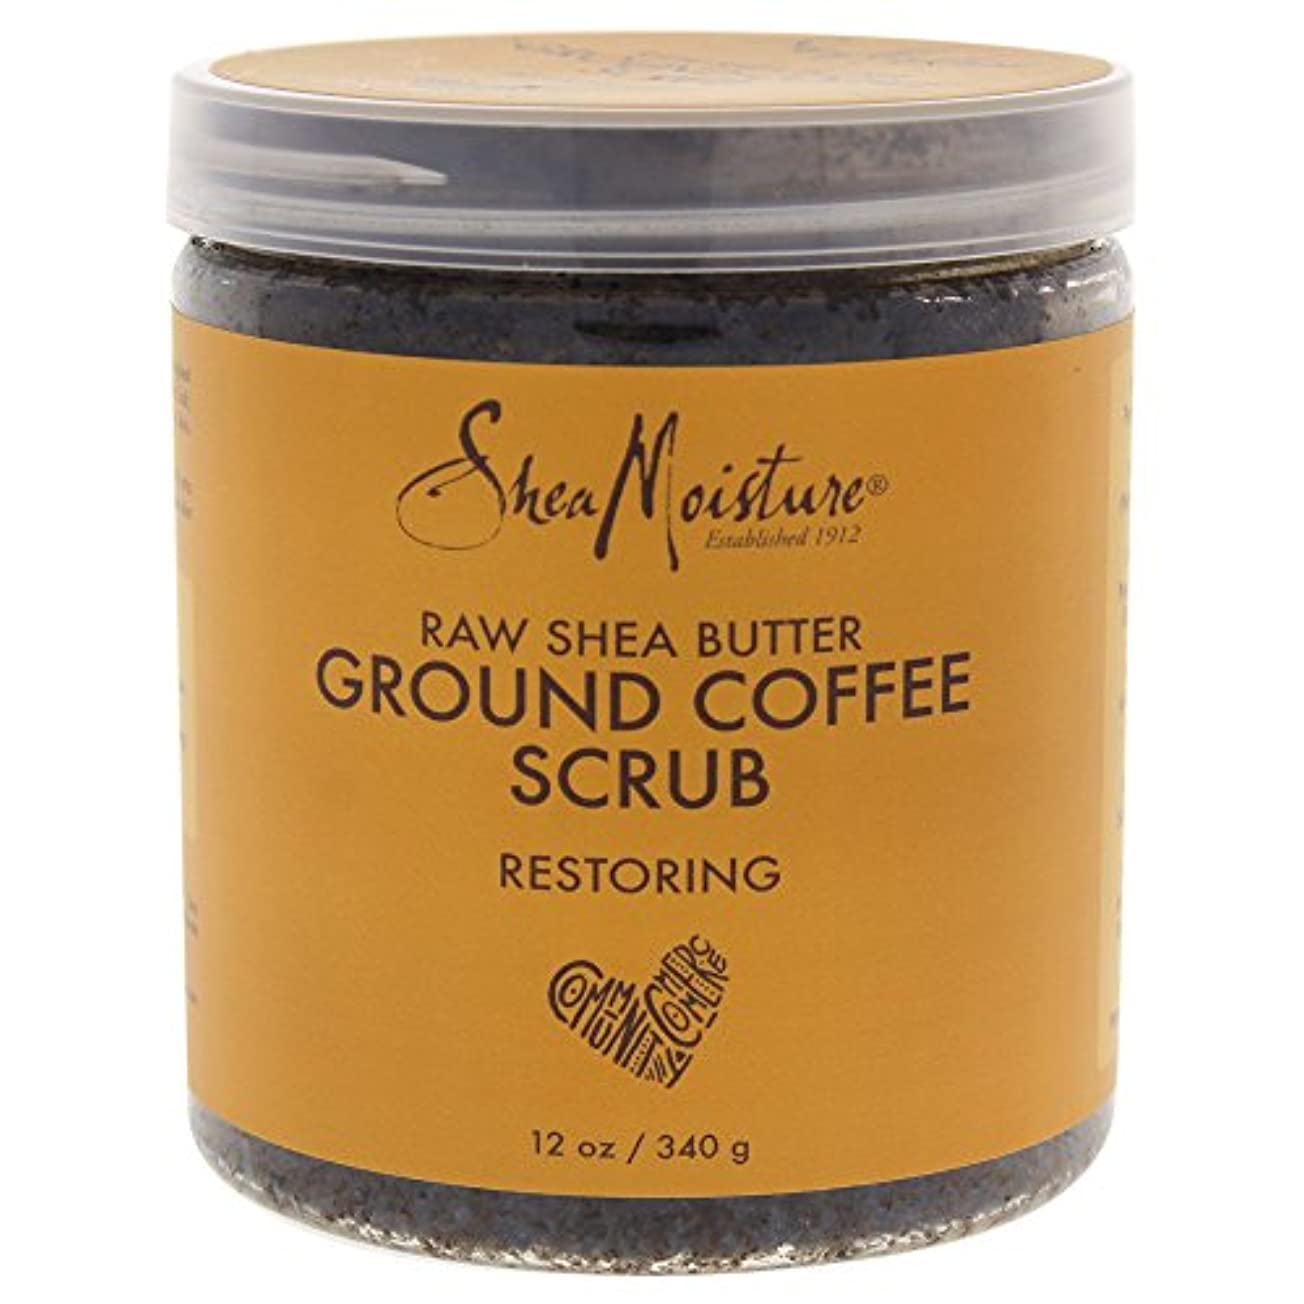 薬統治するファームRaw Shea Butter Ground Coffee Scrub